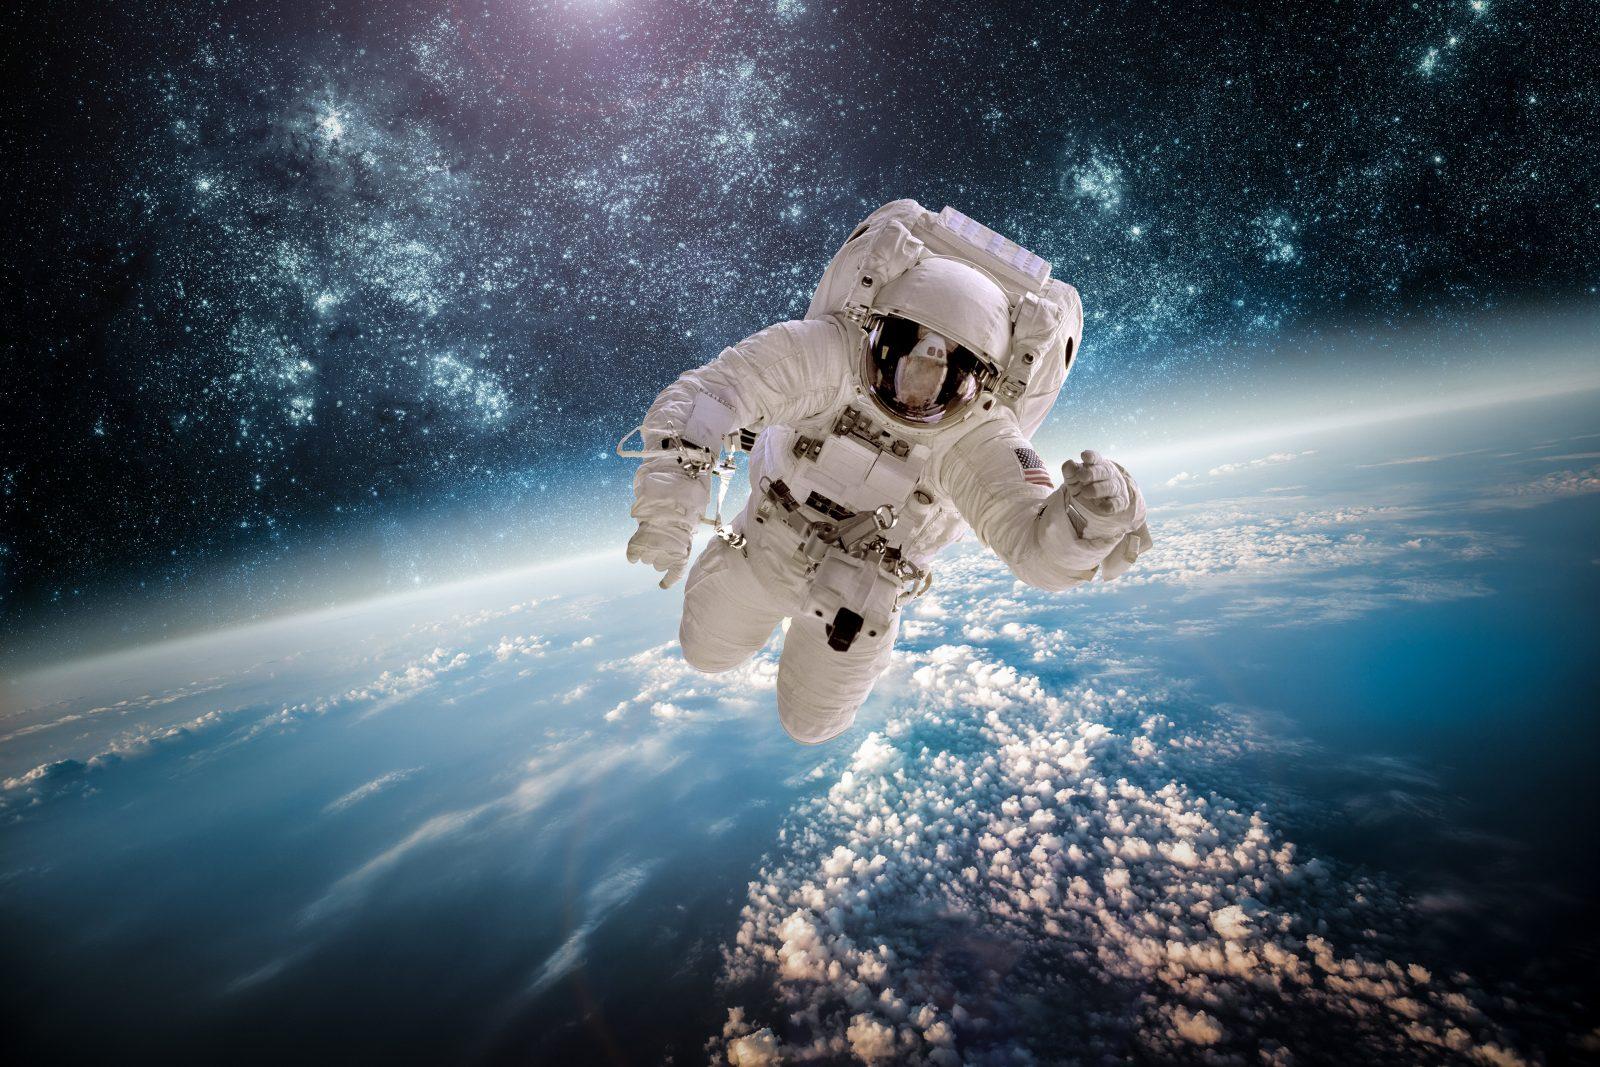 космонавт над землёй